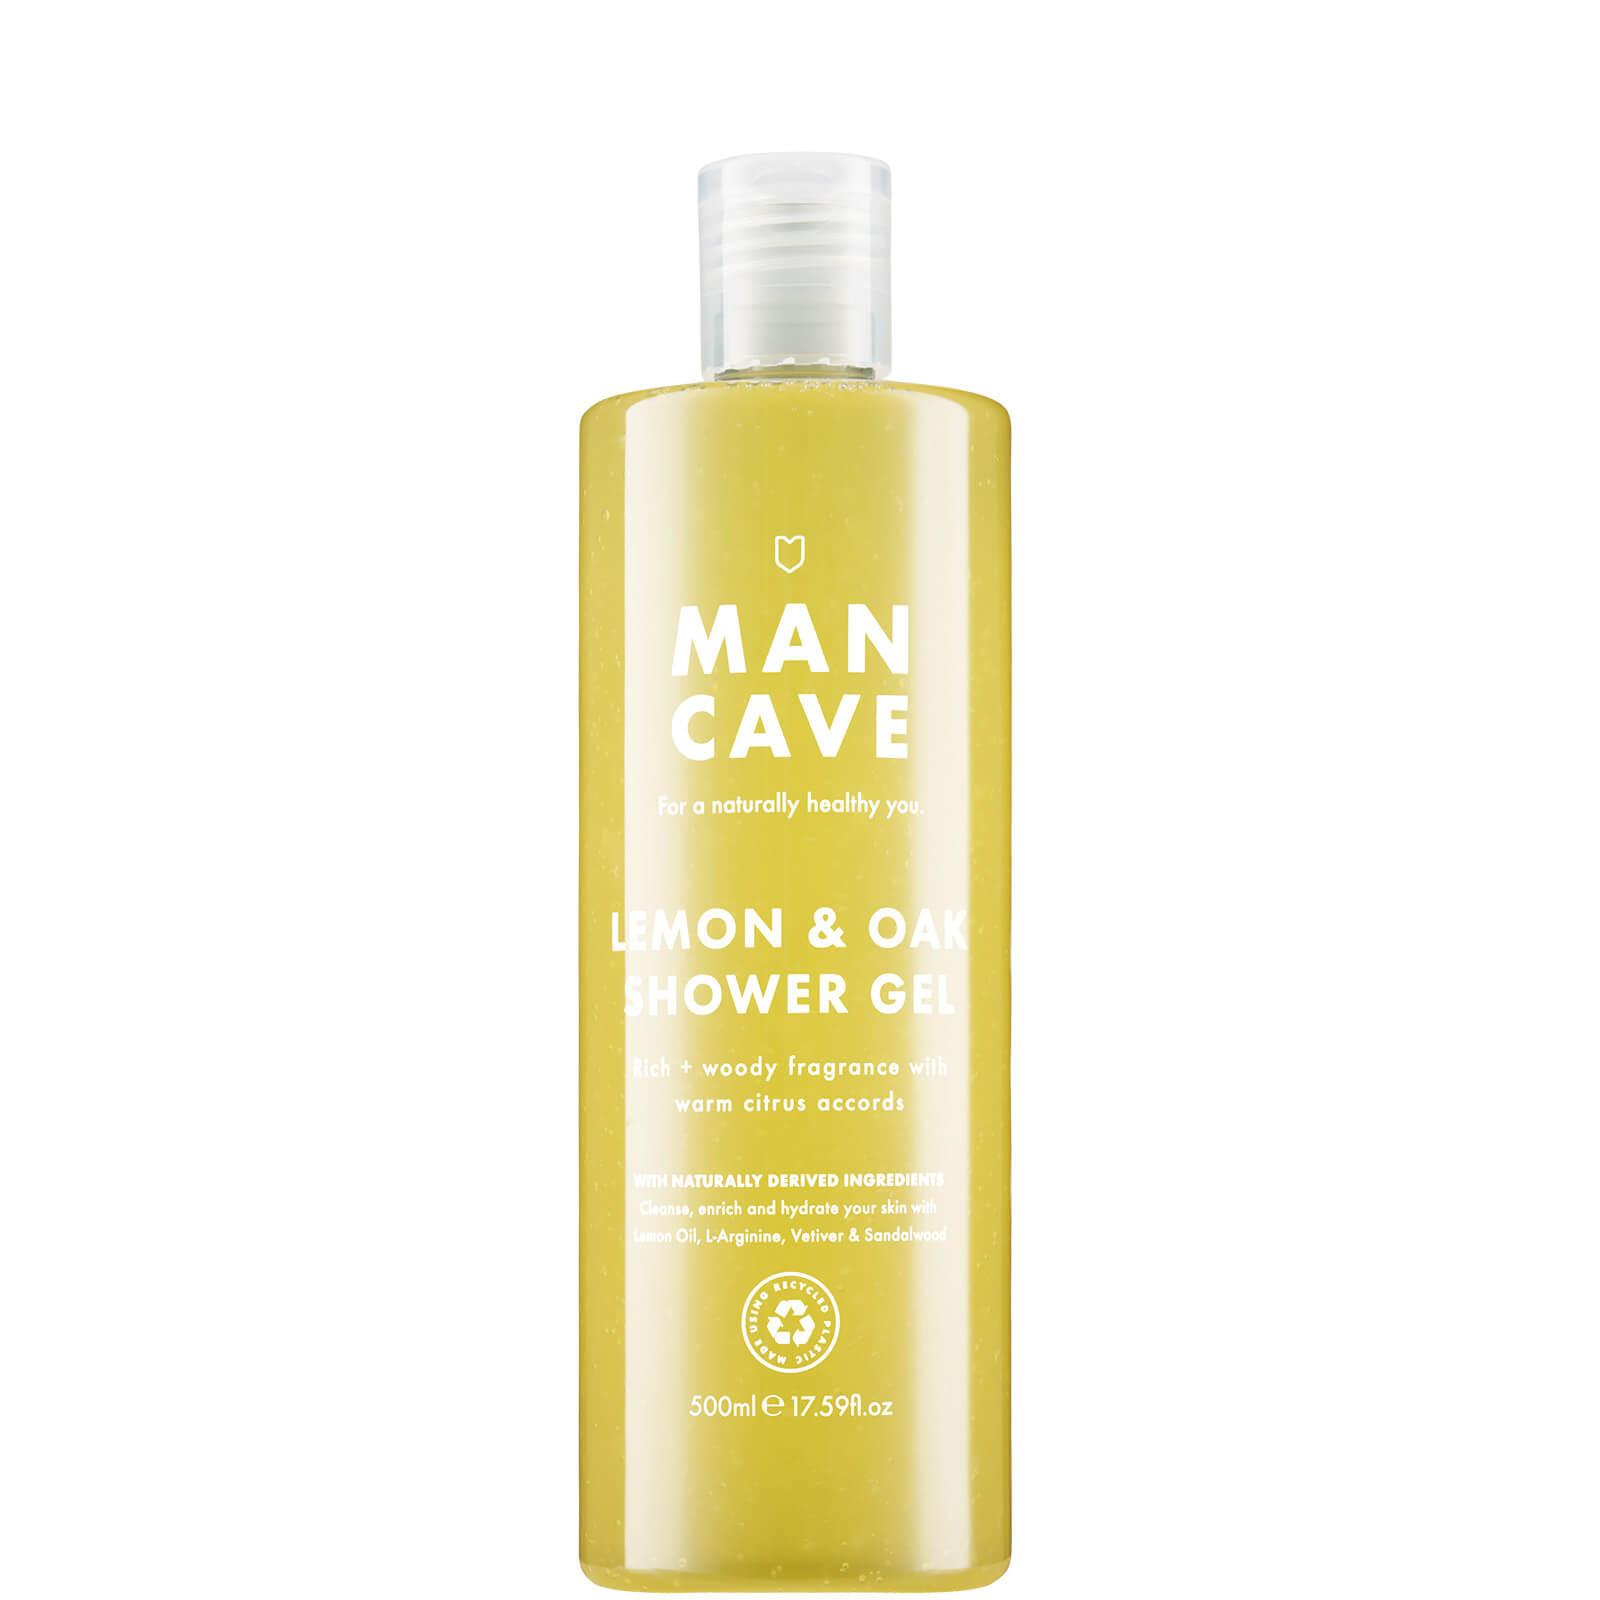 Купить ManCave Lemon & Oak Shower Gel 500ml